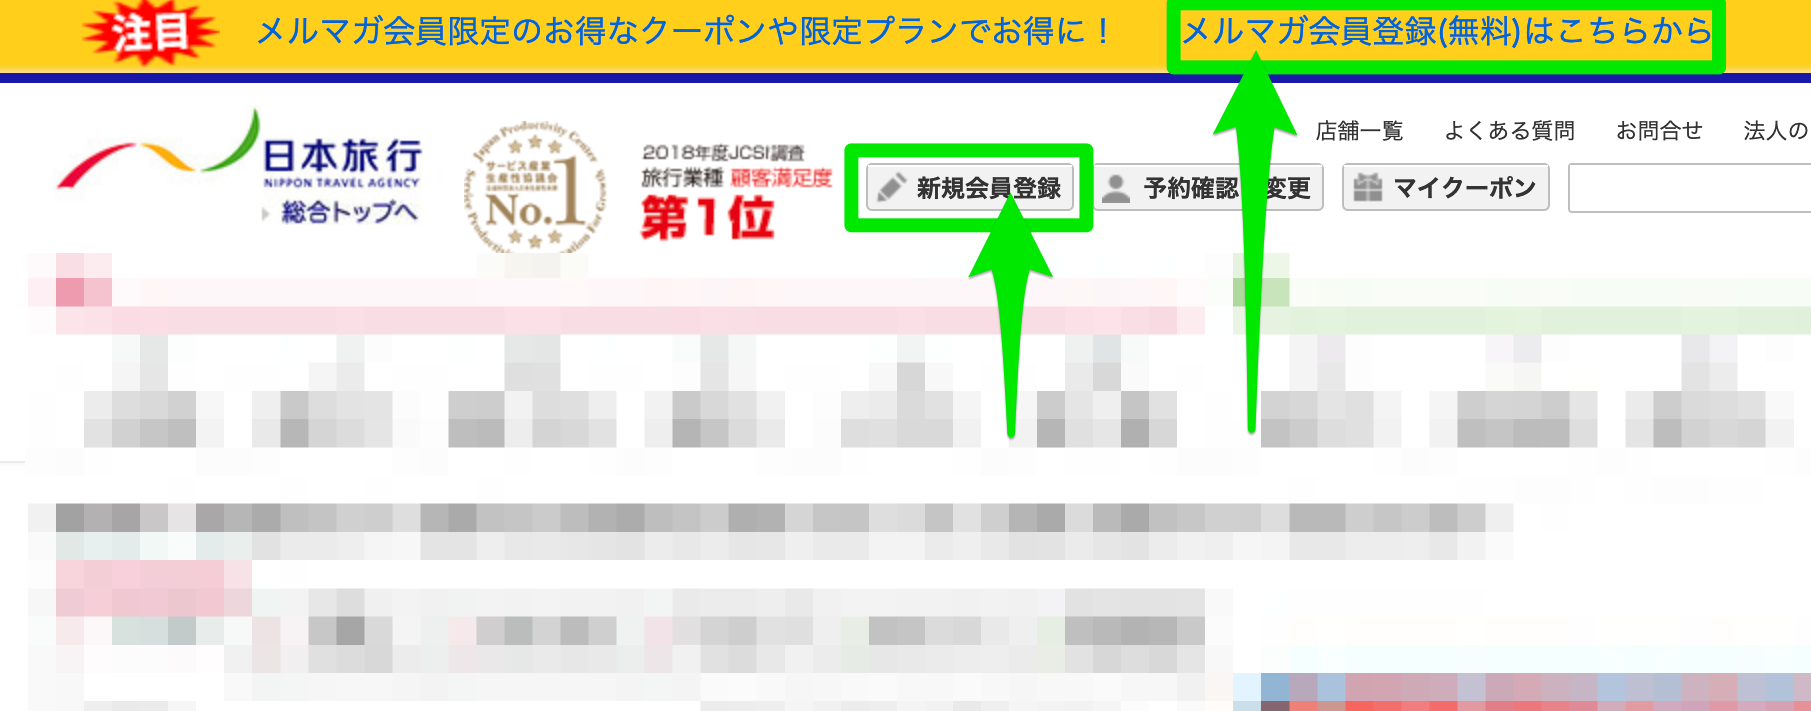 日本旅行の会員登録方法